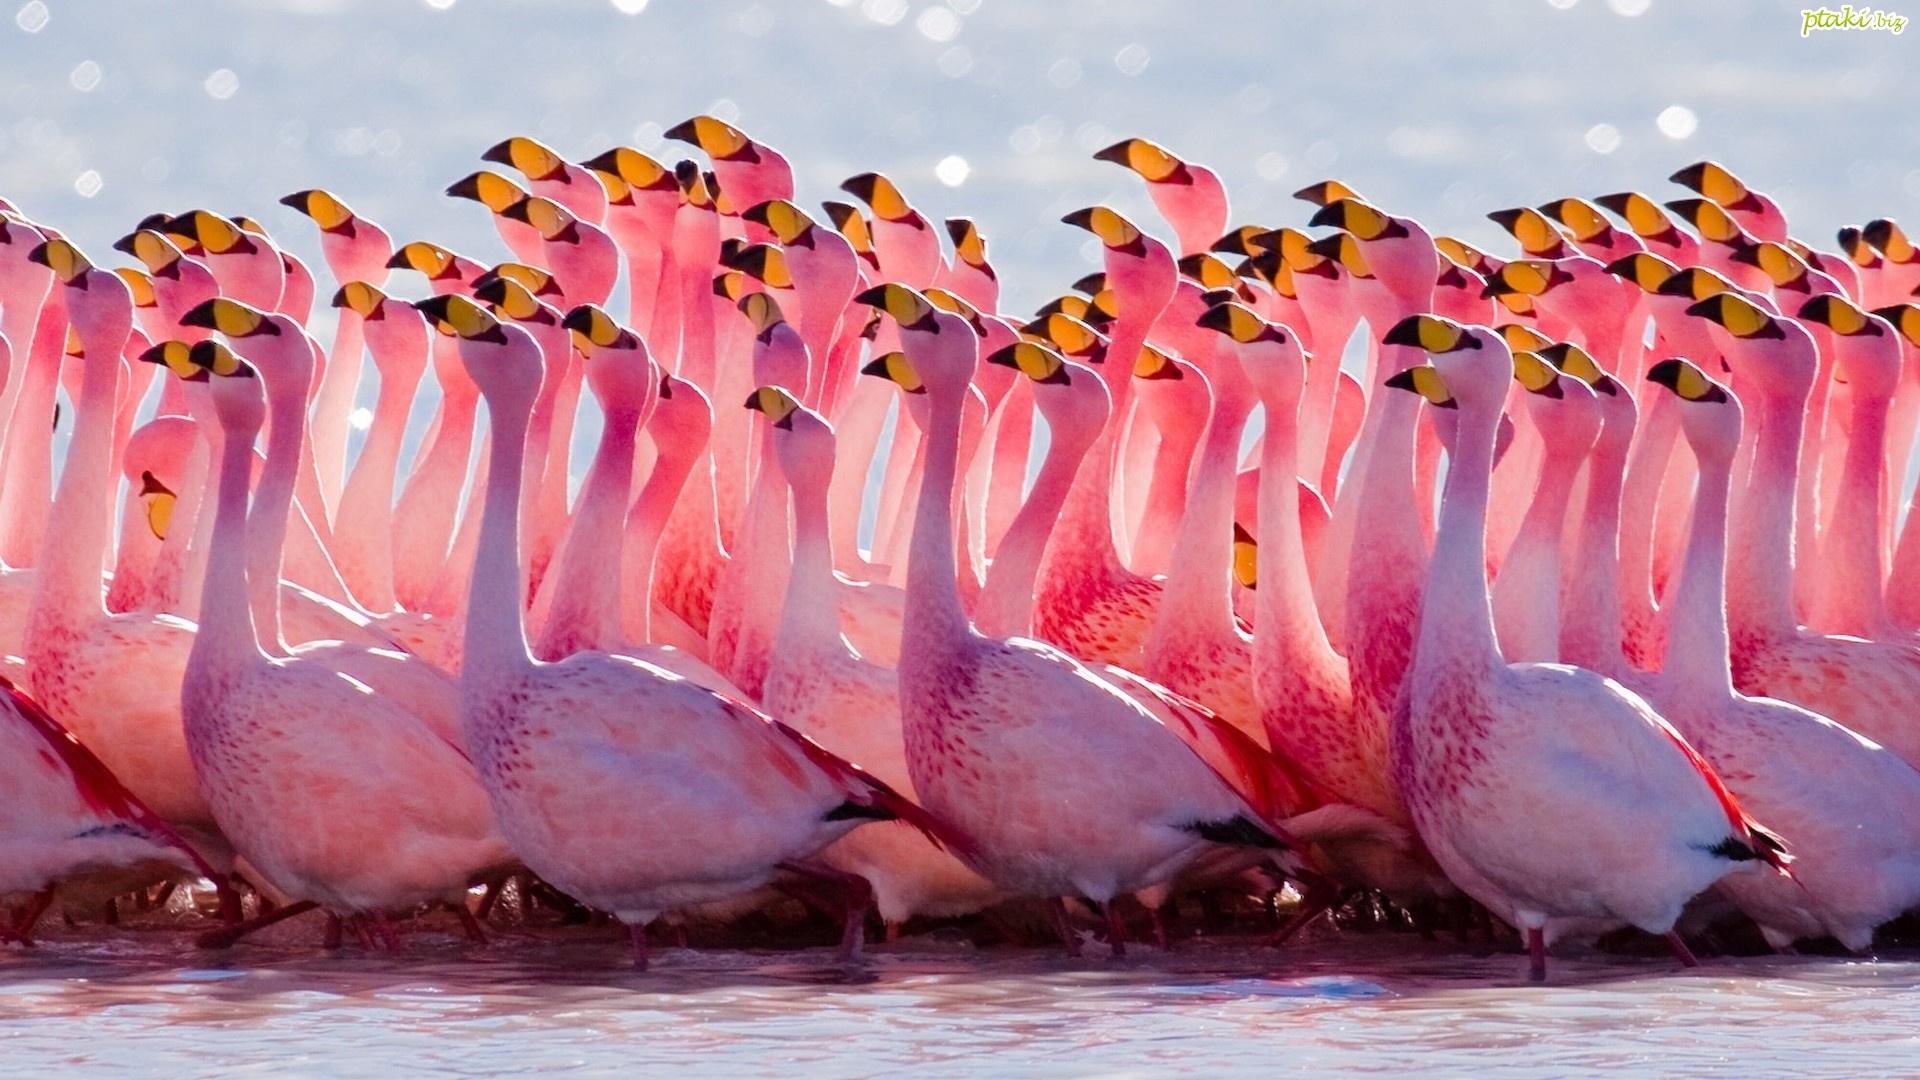 Hình nền đàn chim hồng hạc